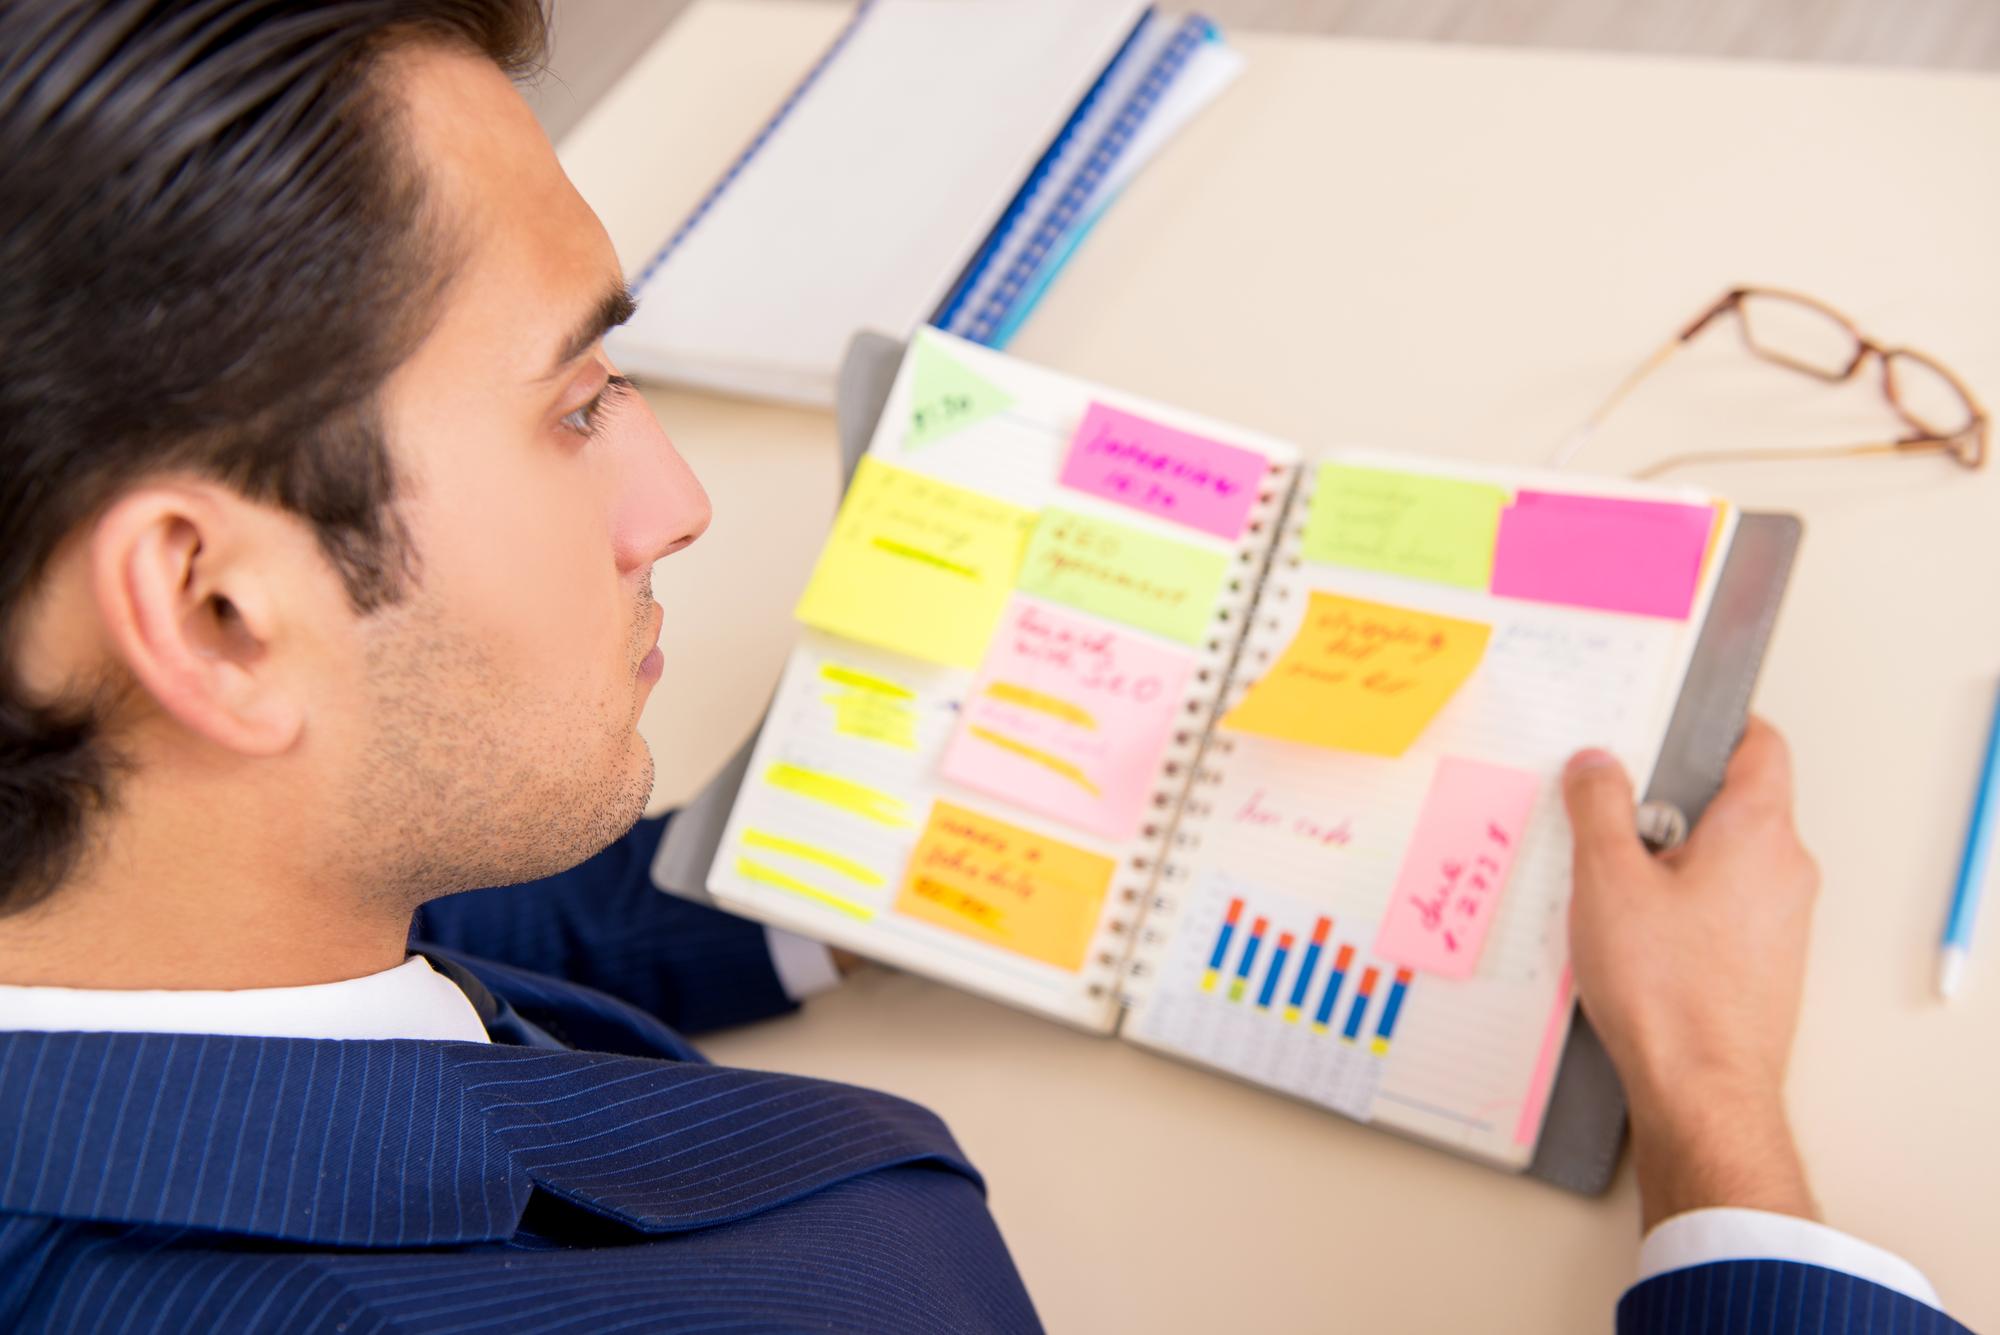 ホリエモン4ヵ条!小さく始めるビジネスこそ『失敗しない』要因です